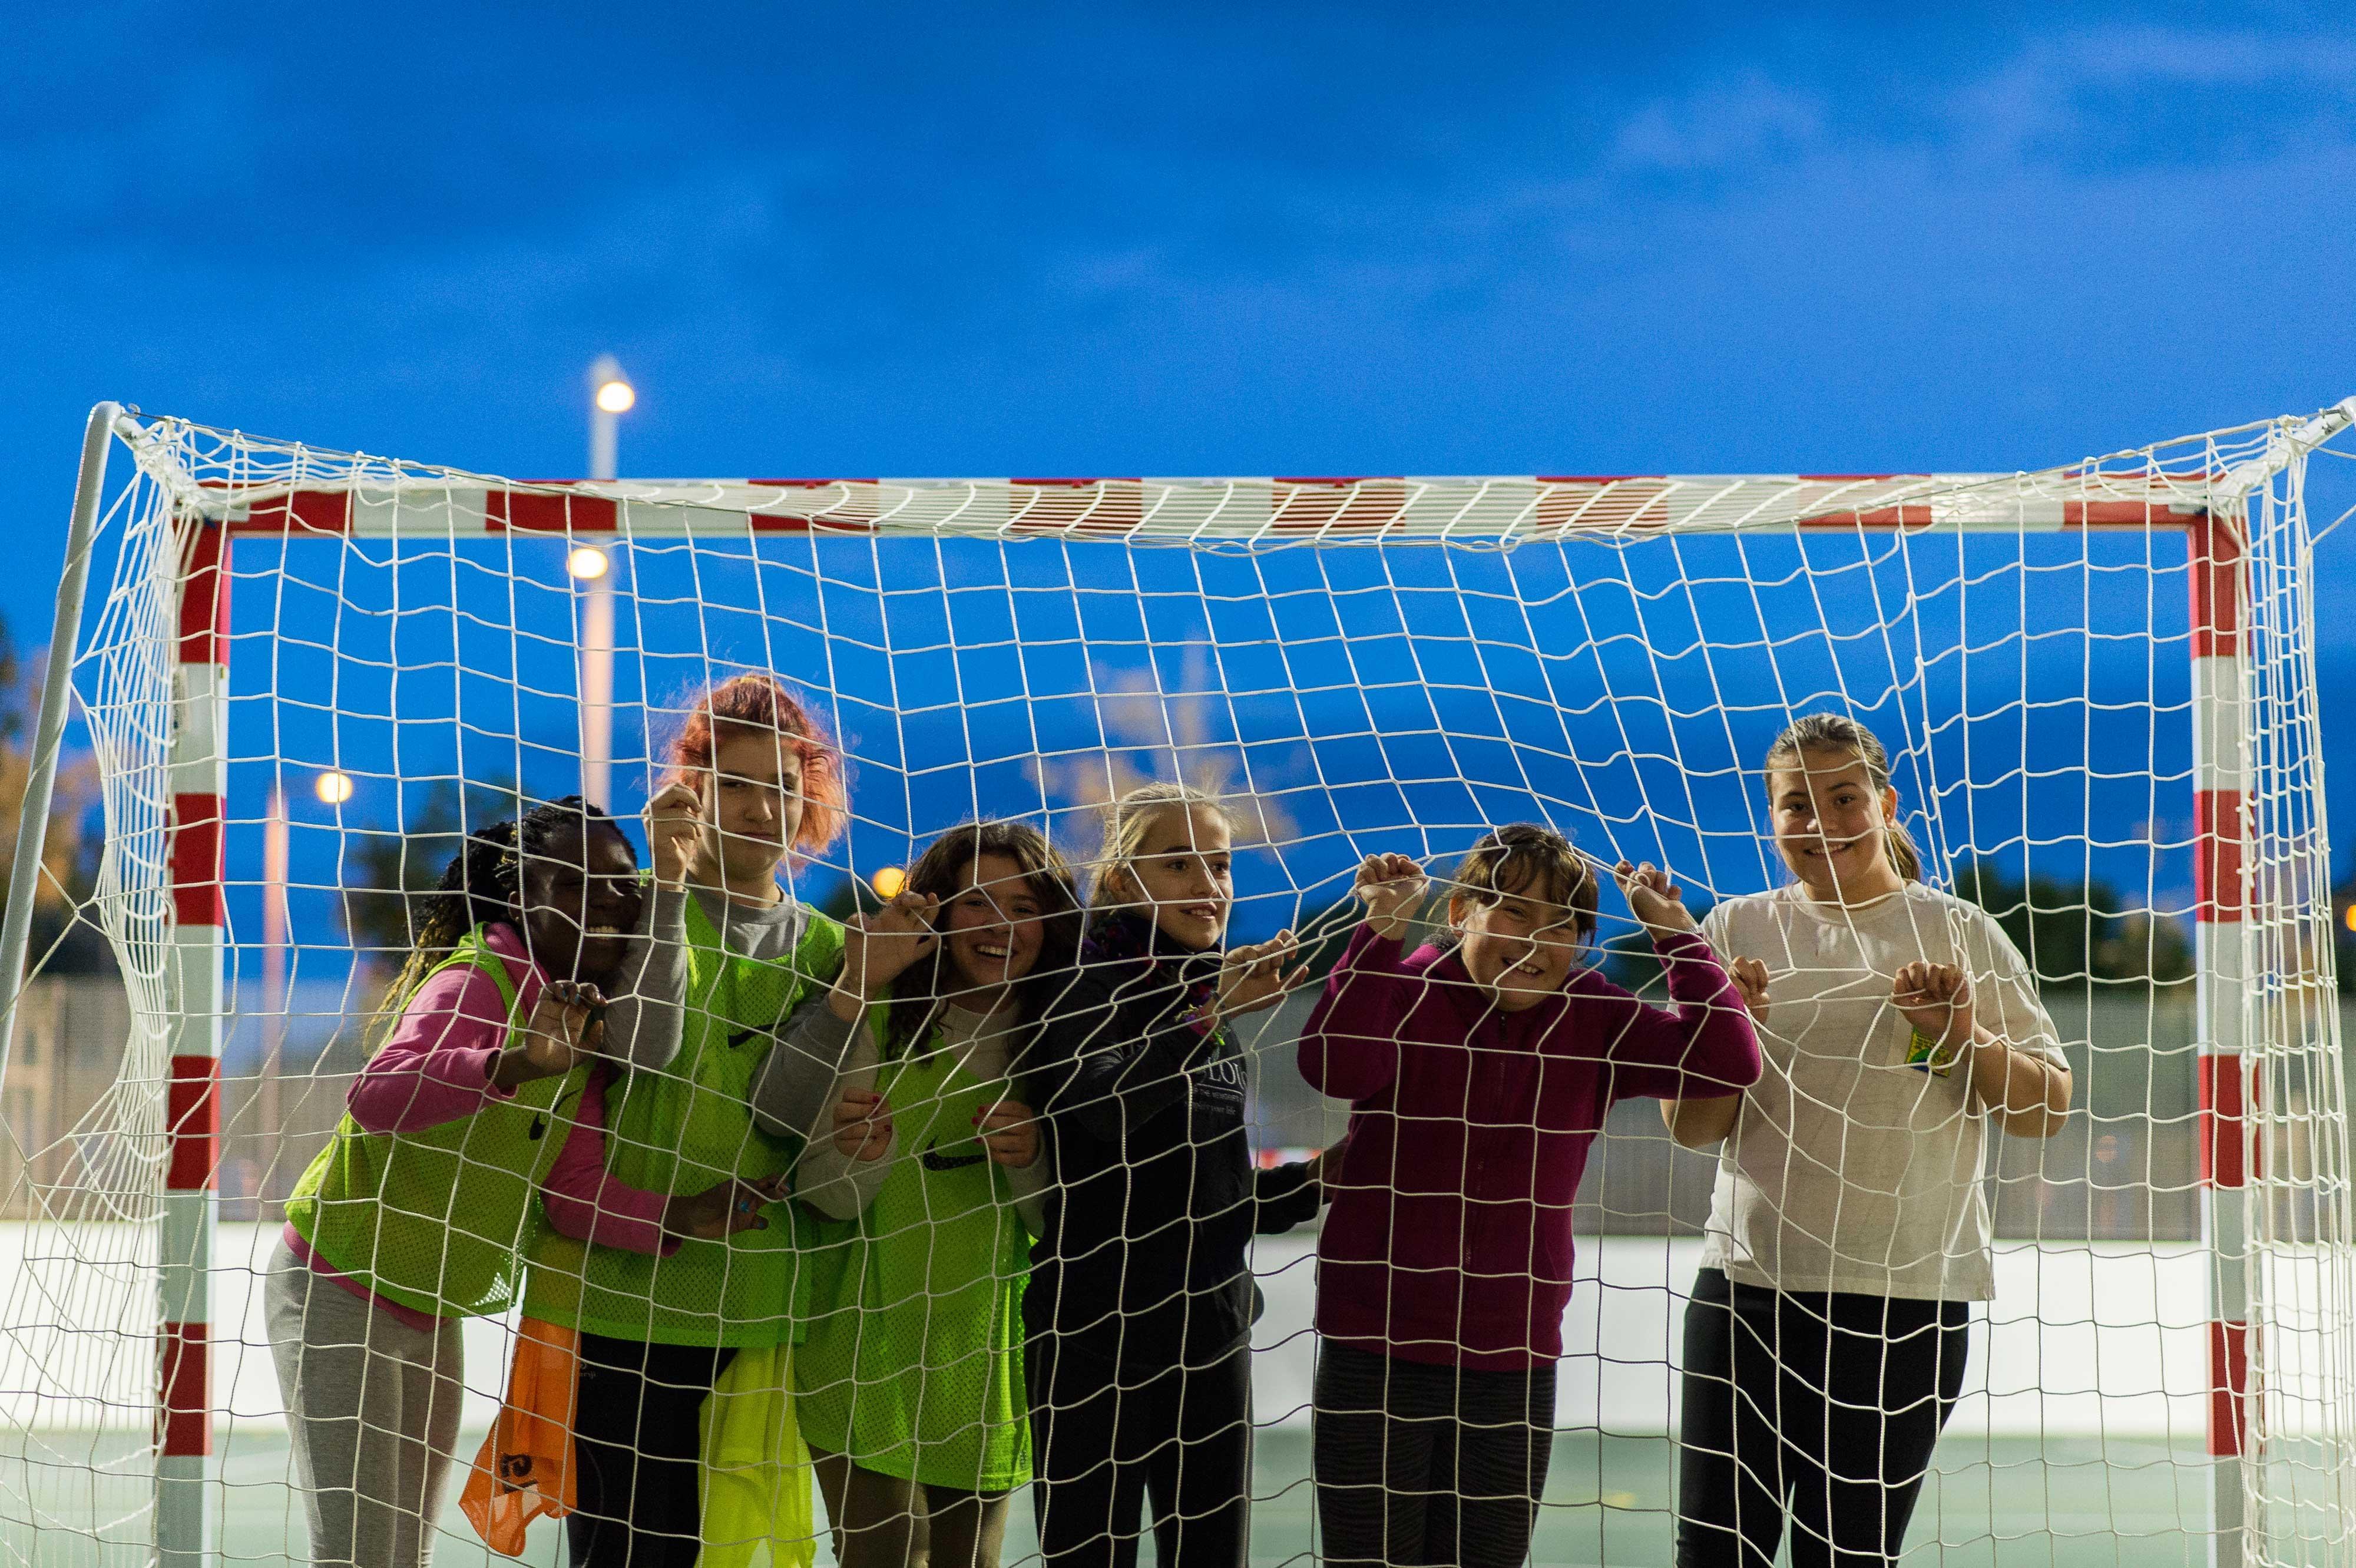 Las actividades deportivas incluyen experiencias educativas basadas en la práctica de diferentes disciplinas.